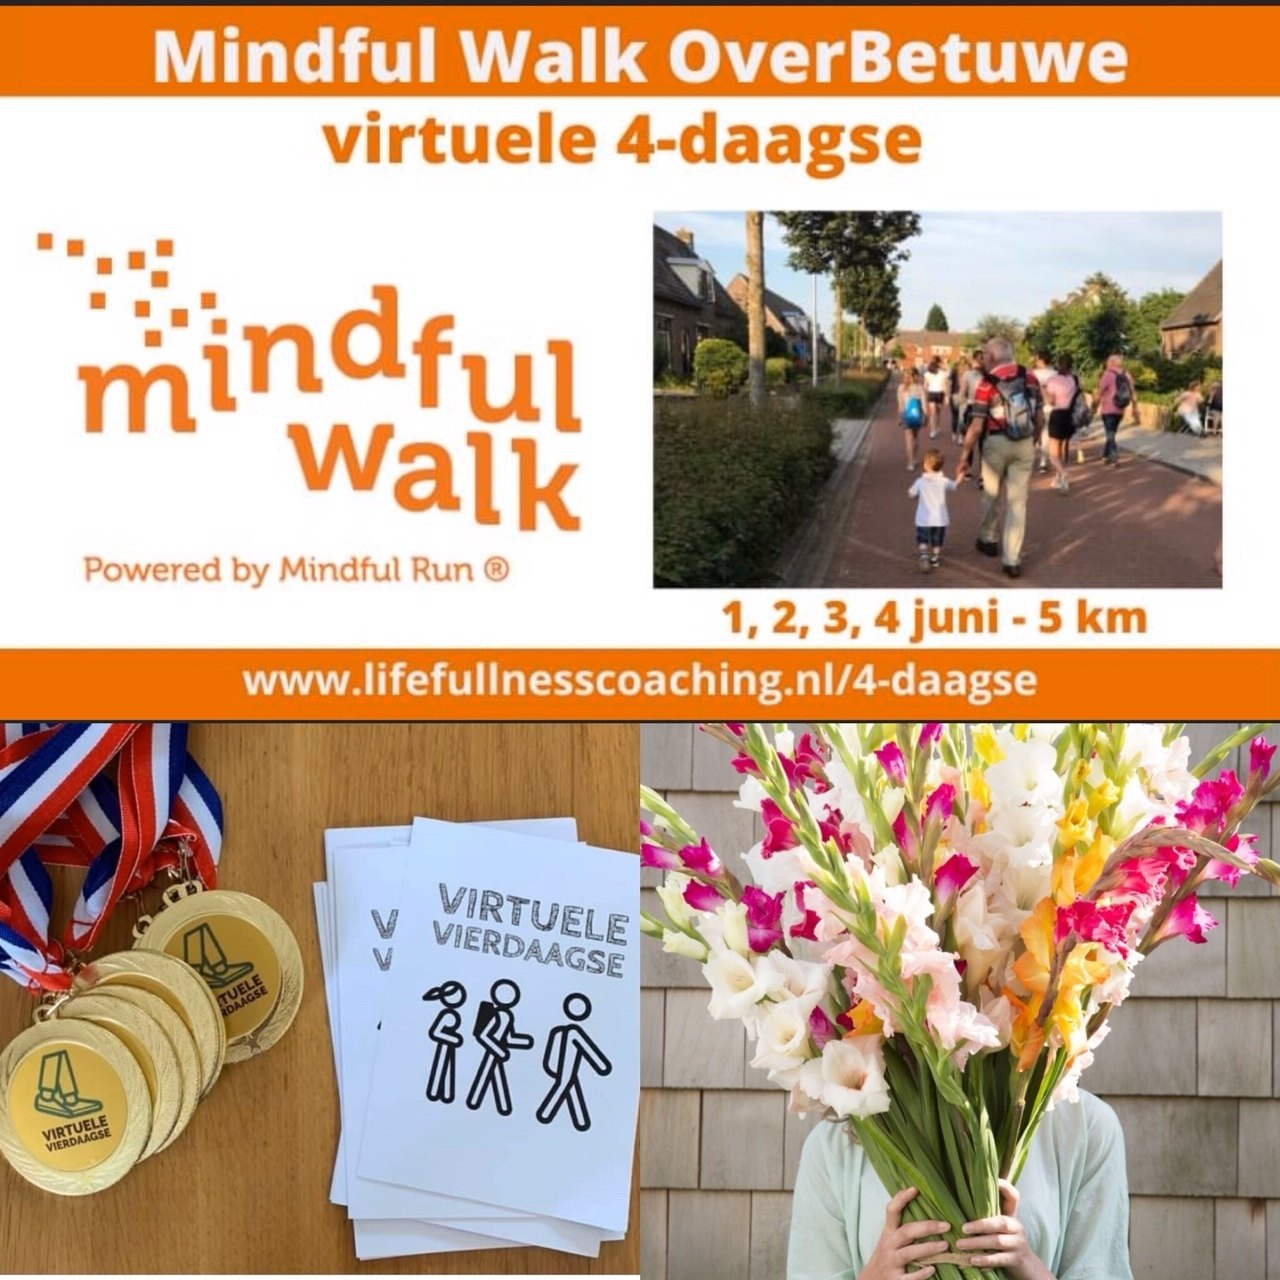 2020 Virtuele Mindful Walk Avond 4-daagse